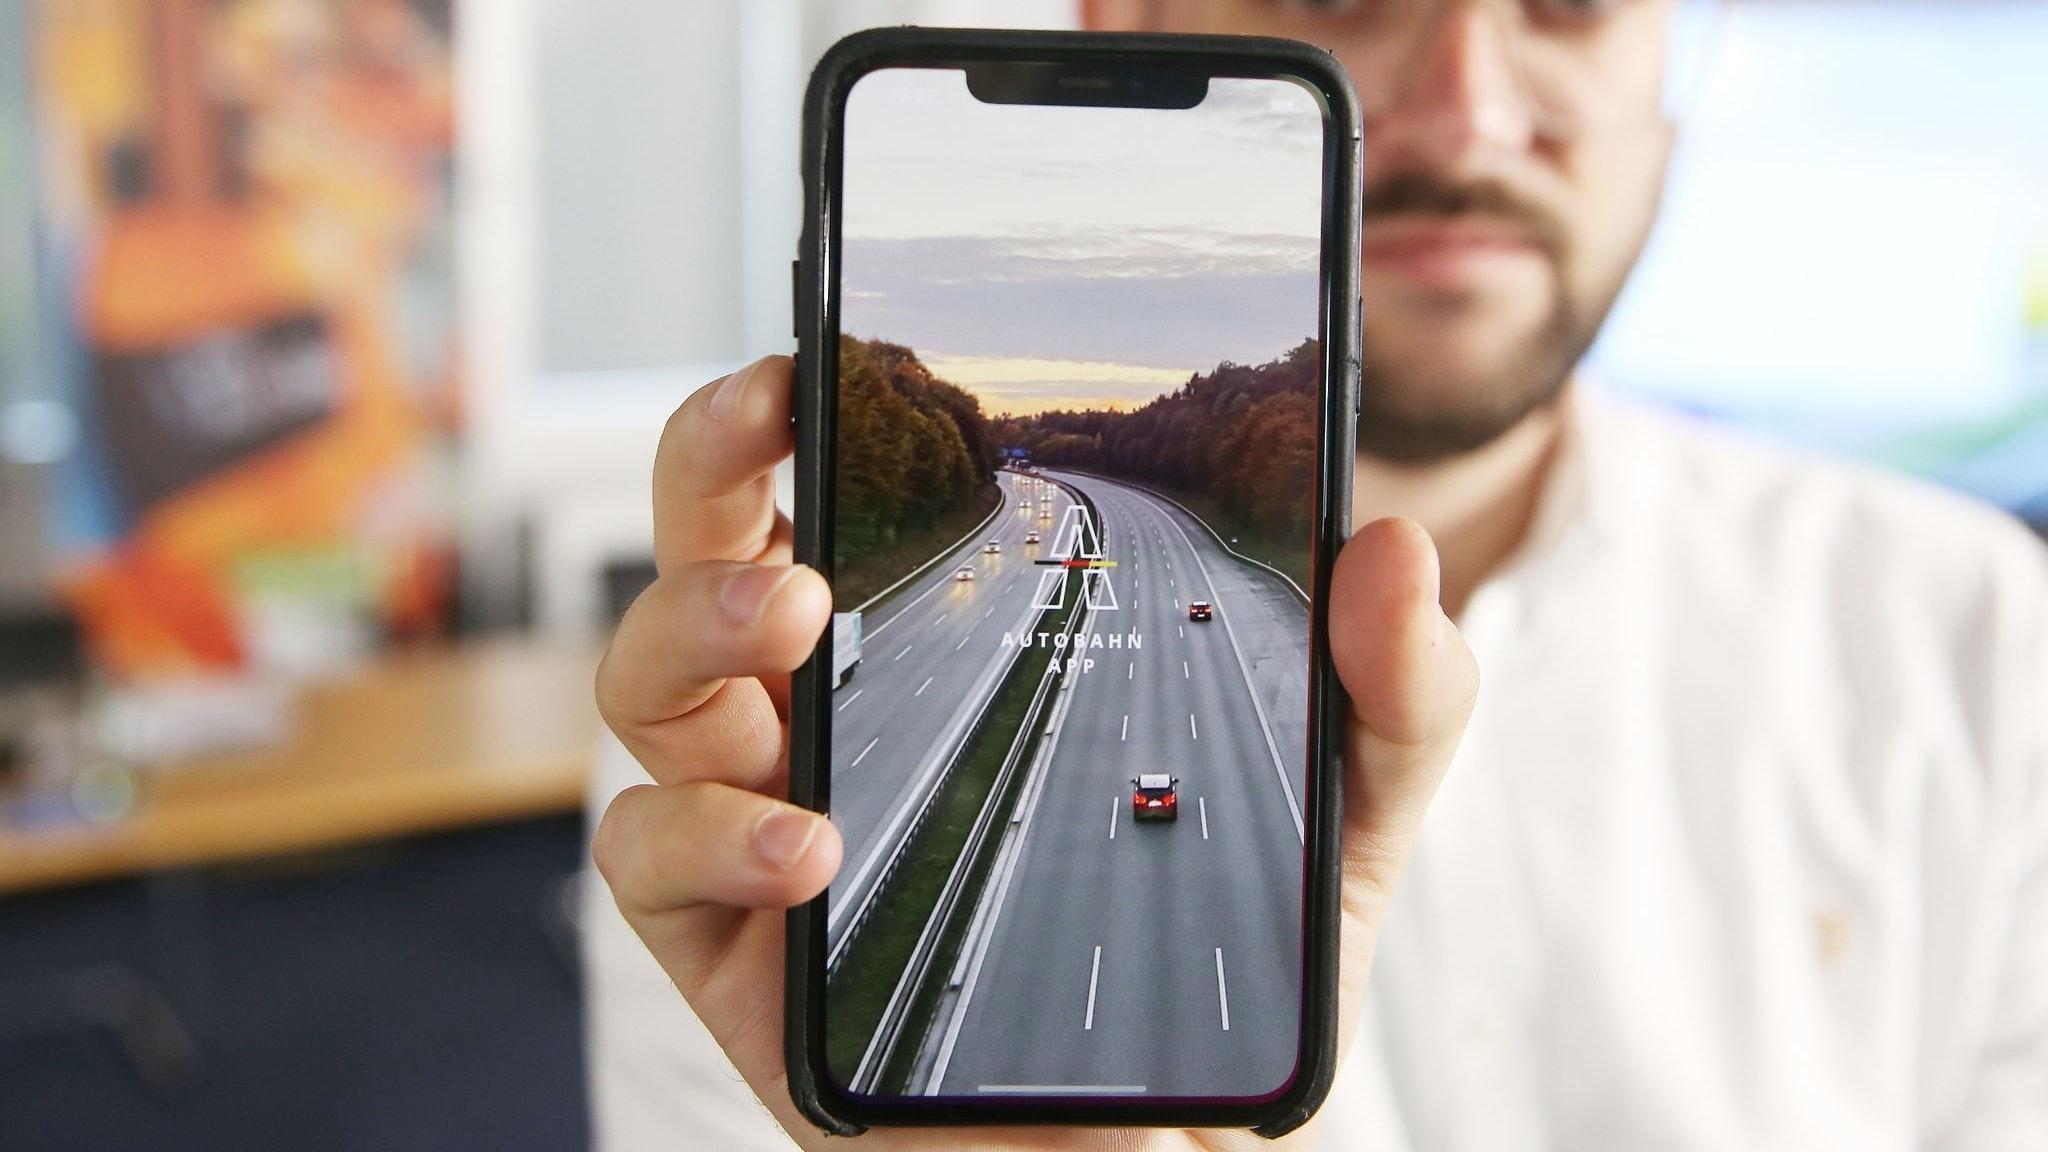 Die neue App der Autobahn GmbH des Bundes. Foto: dpa/Young